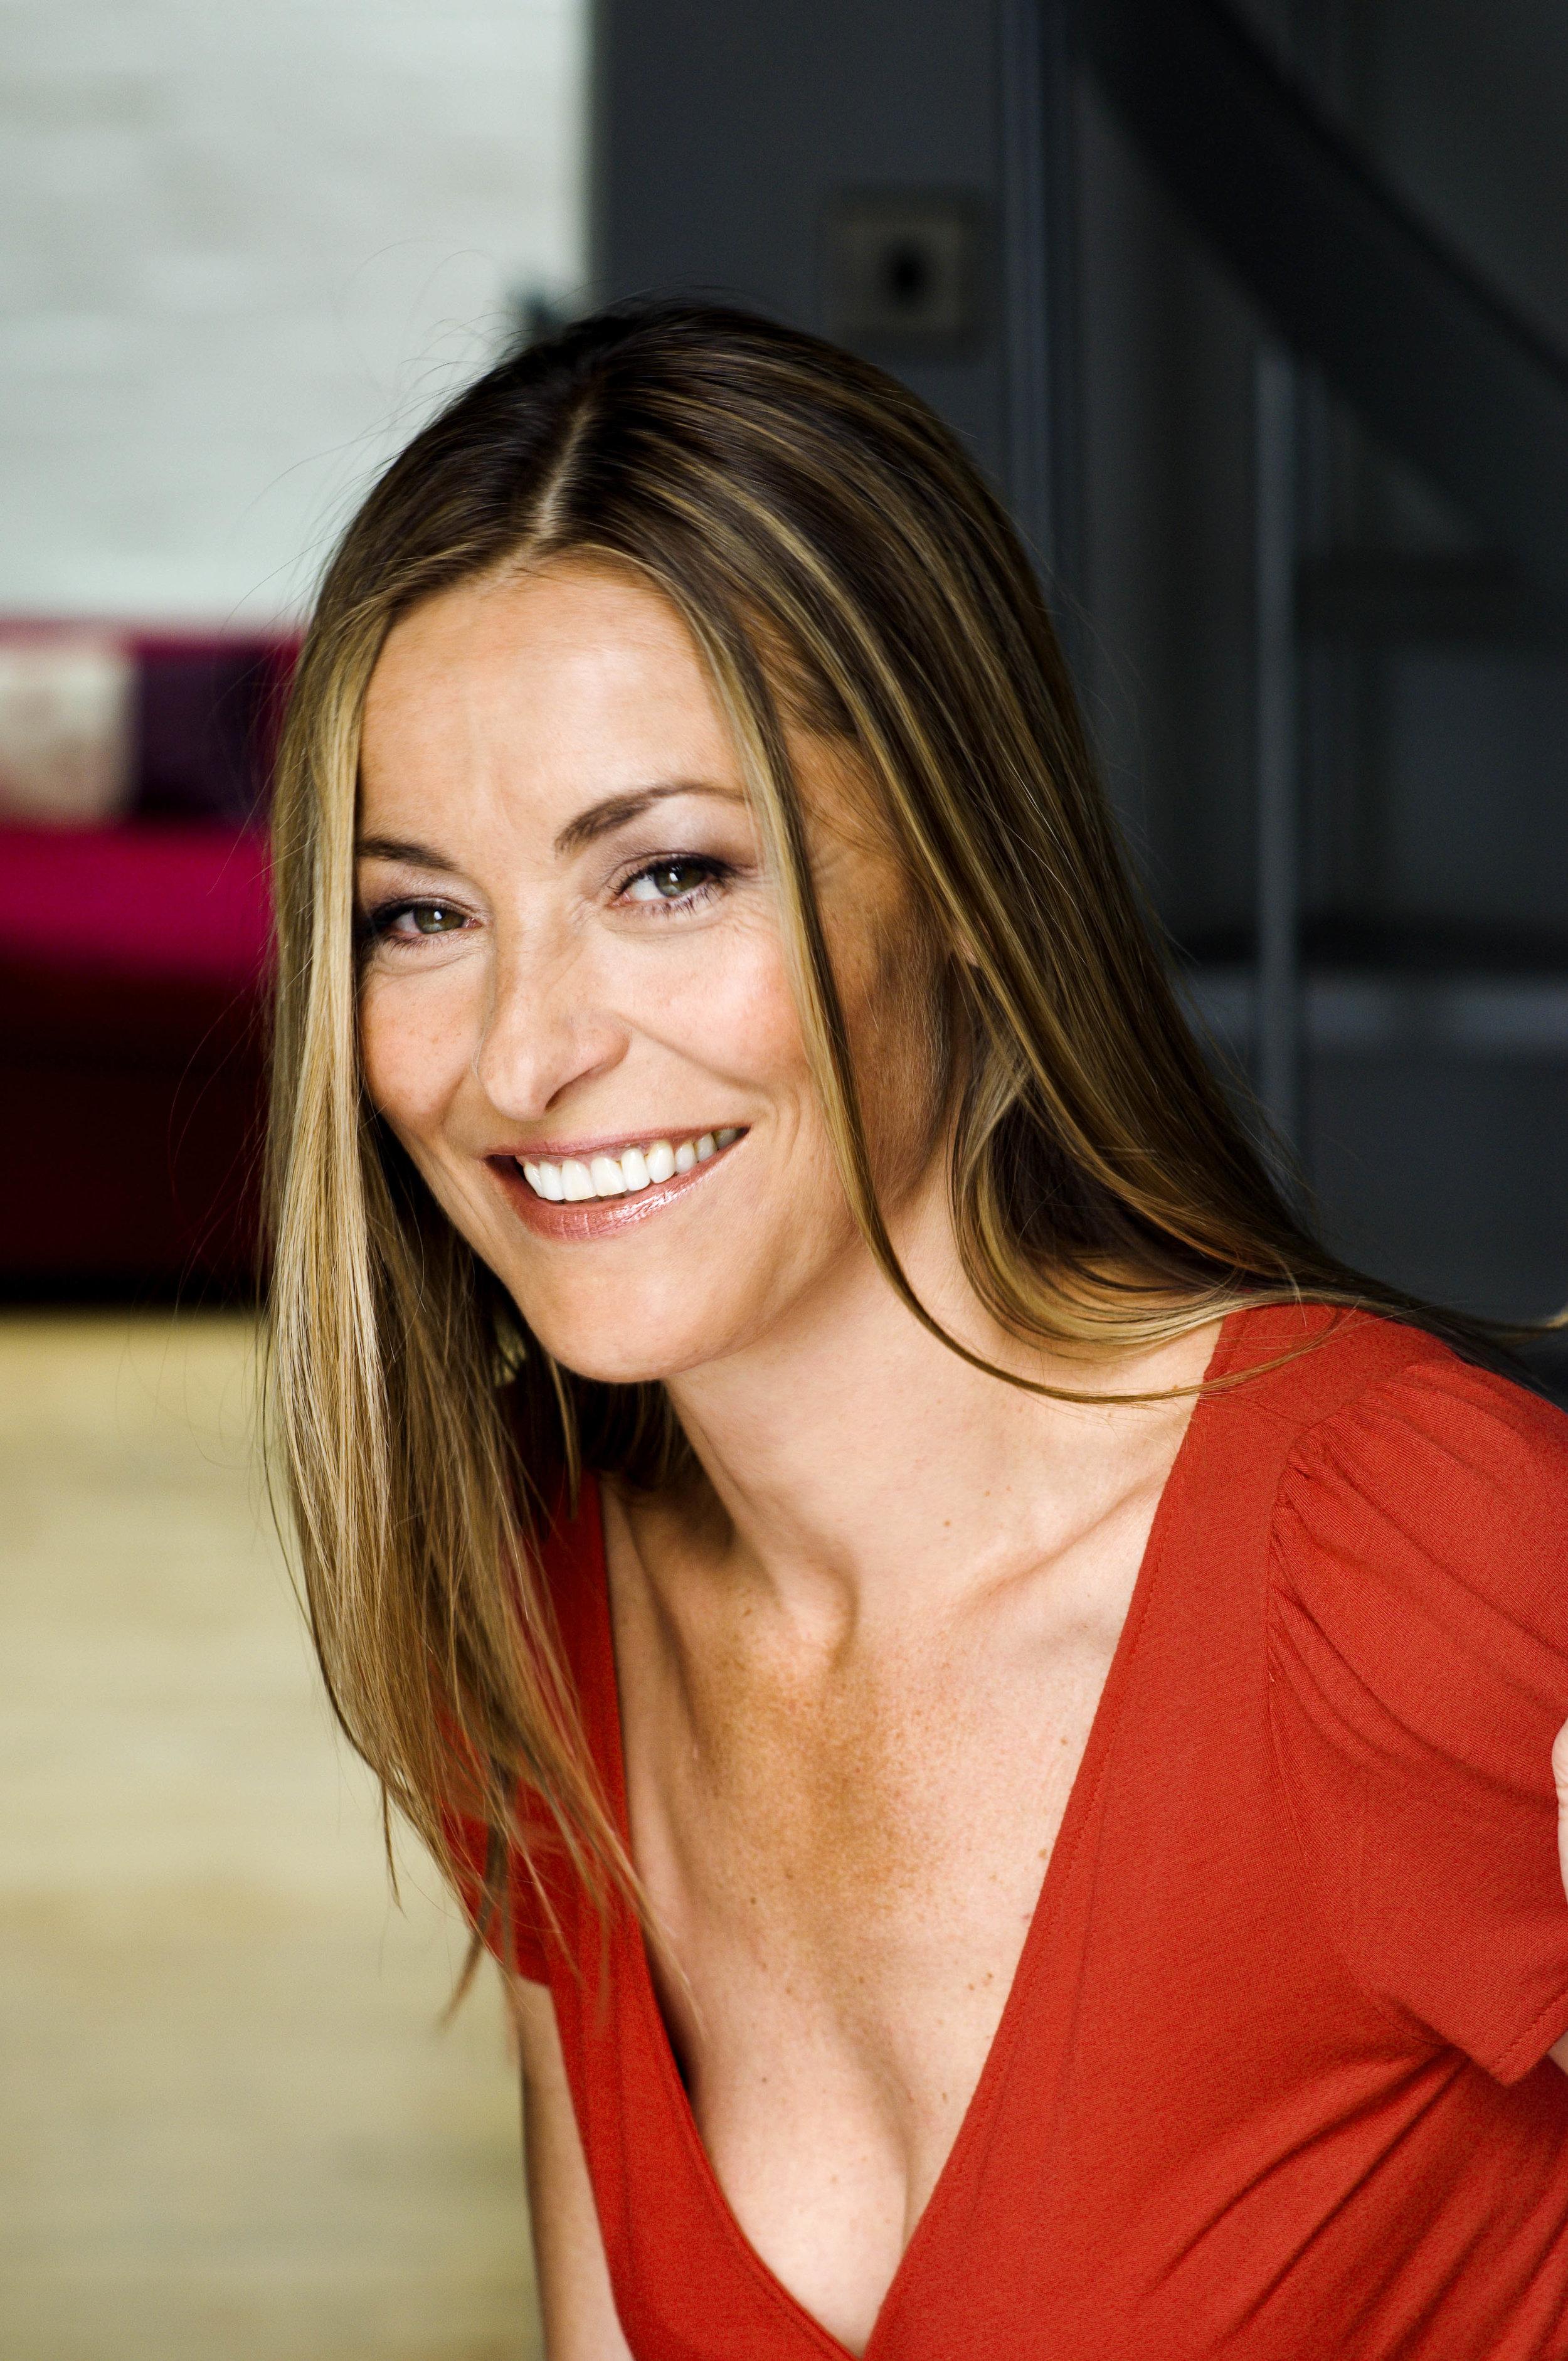 Amanda Donohoe - Actress